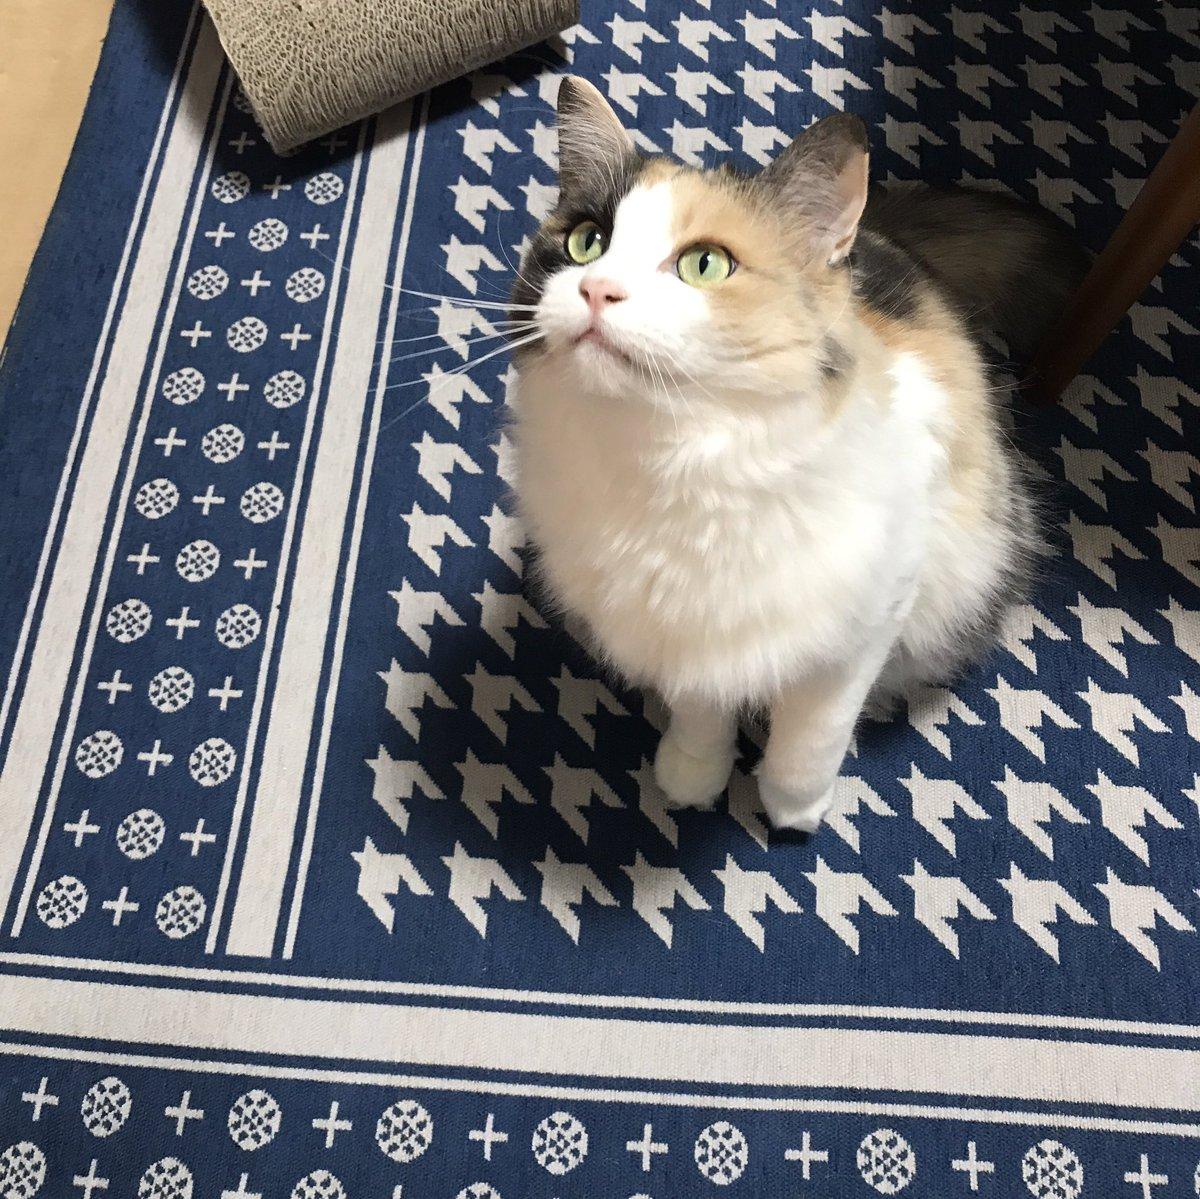 猫がきた日にもらった紙に「ねこは食べることと寝ることとあそぶことが大好きです」と書いてあって、いい生きものがきたなと思った。